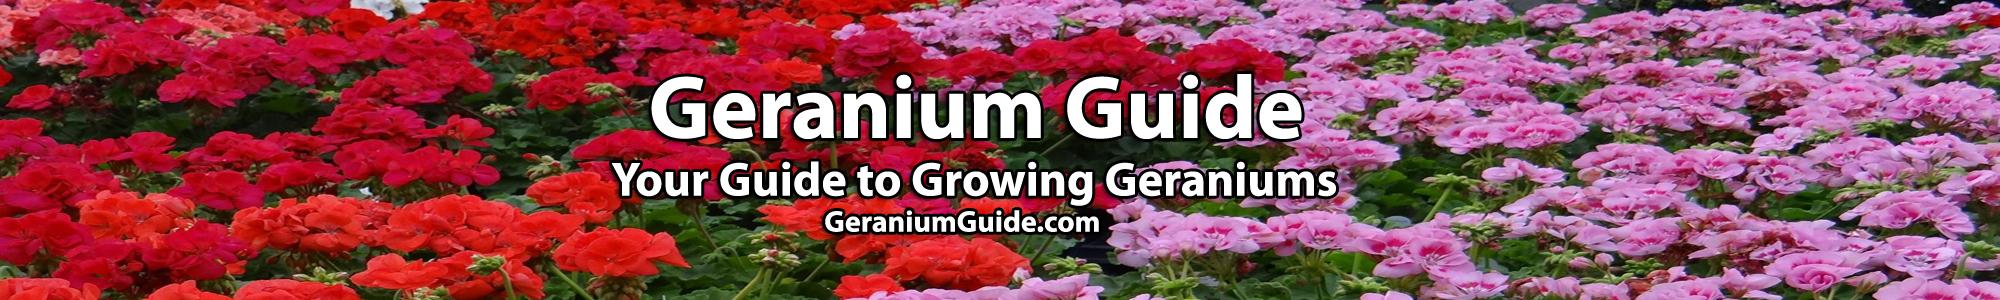 Geranium Guide